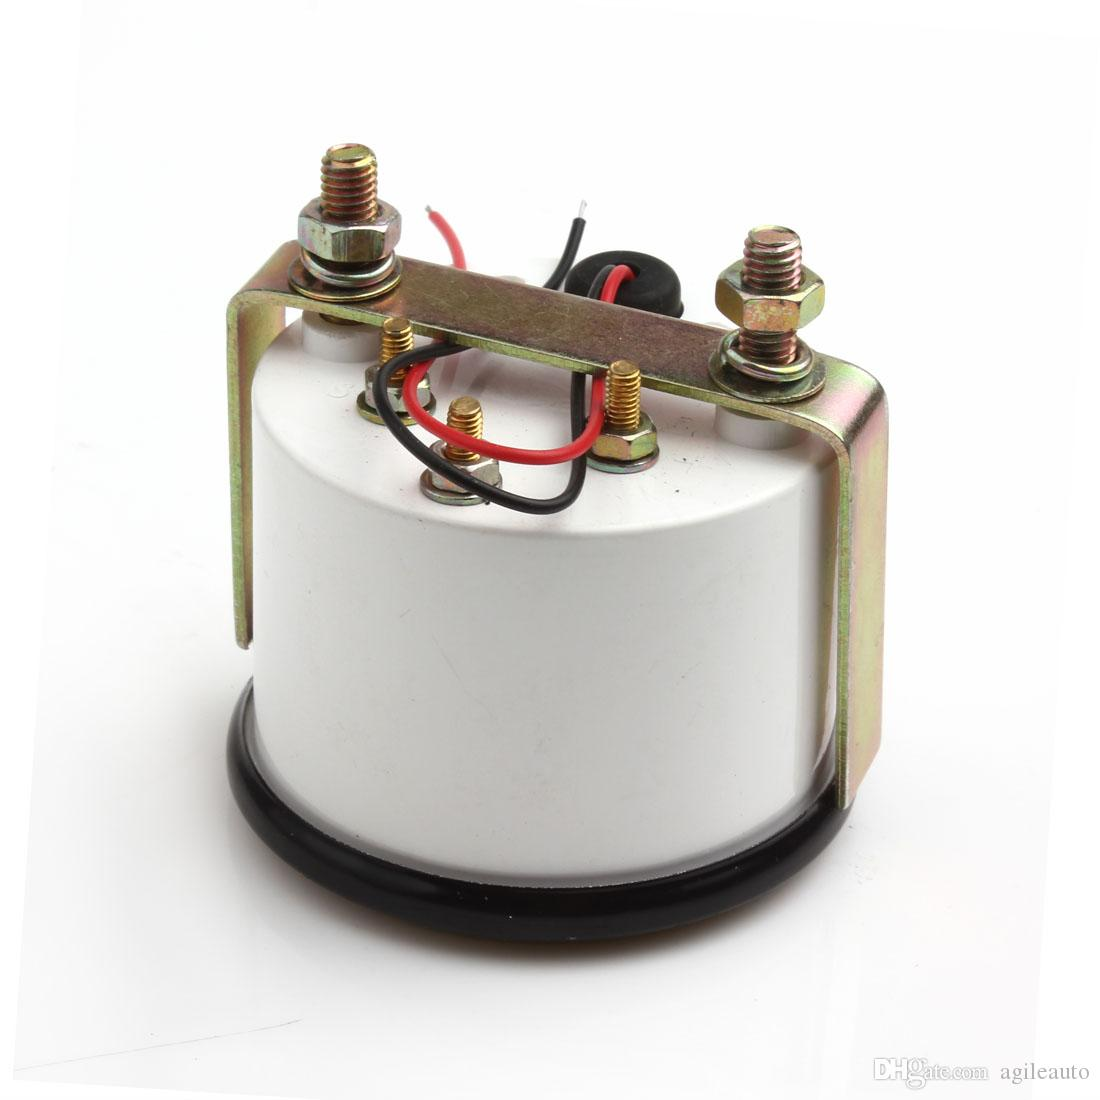 Marque Nouvelle Auto Instruments Nouveau 2inch 12 V Universel Voiture Pointeur Température De L'eau Température Jauge 40 - 120 Blanc LED CEC_545